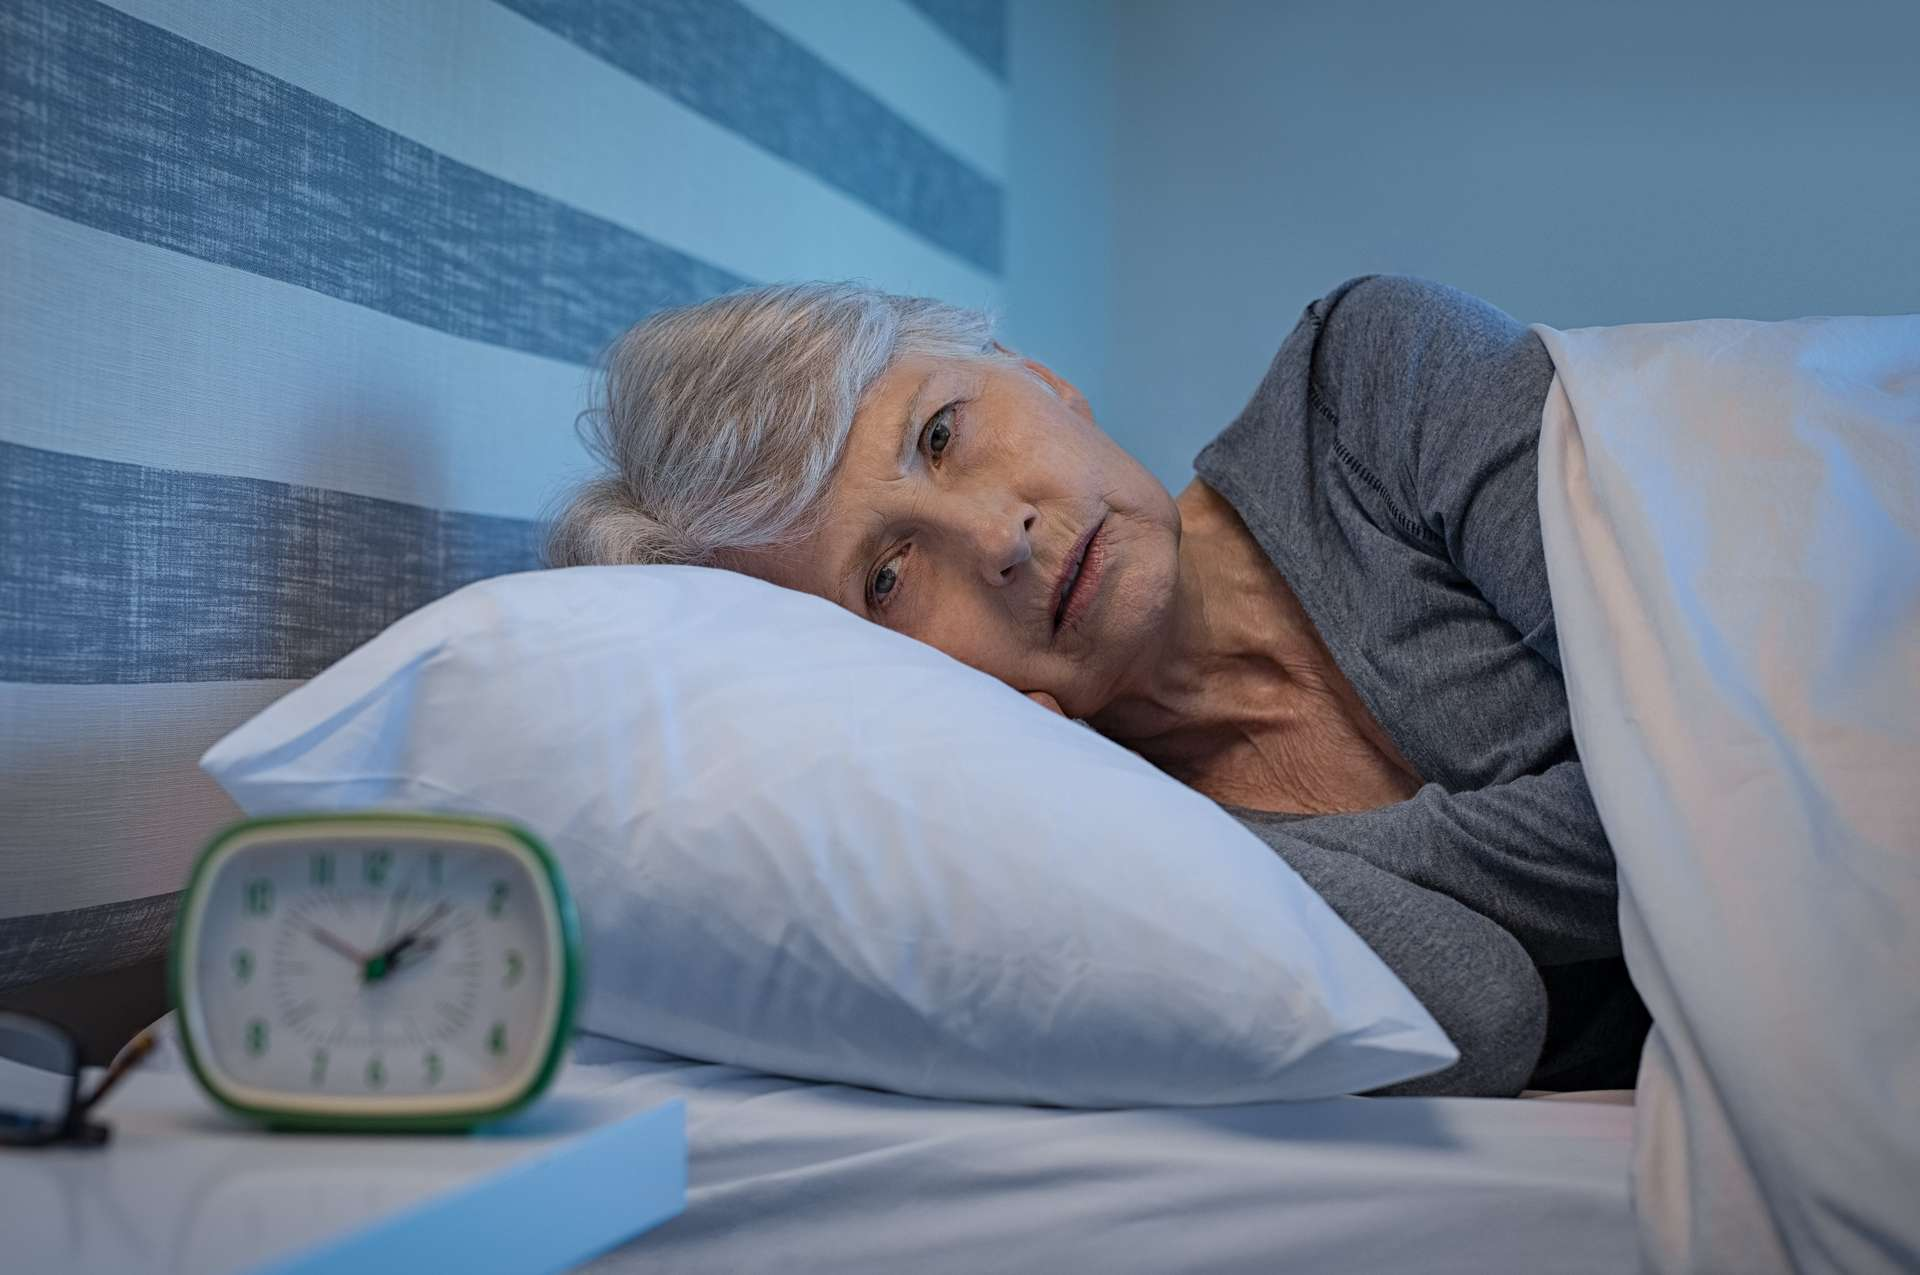 Pour mieux dormir, les chercheurs conseillent de se coucher à la même heure tous les jours, de s'exposer à la lumière du jour durant la matinée, d'éviter les stimulants comme la caféine ou l'alcool le soir, ainsi que de couper les écrans une heure avant d'aller se coucher. Ils rappellent aussi qu'il existe une thérapie cognitivo-comportementale contre l'insomnie, sur laquelle votre médecin peut vous renseigner. © Rido, Adobe Stock